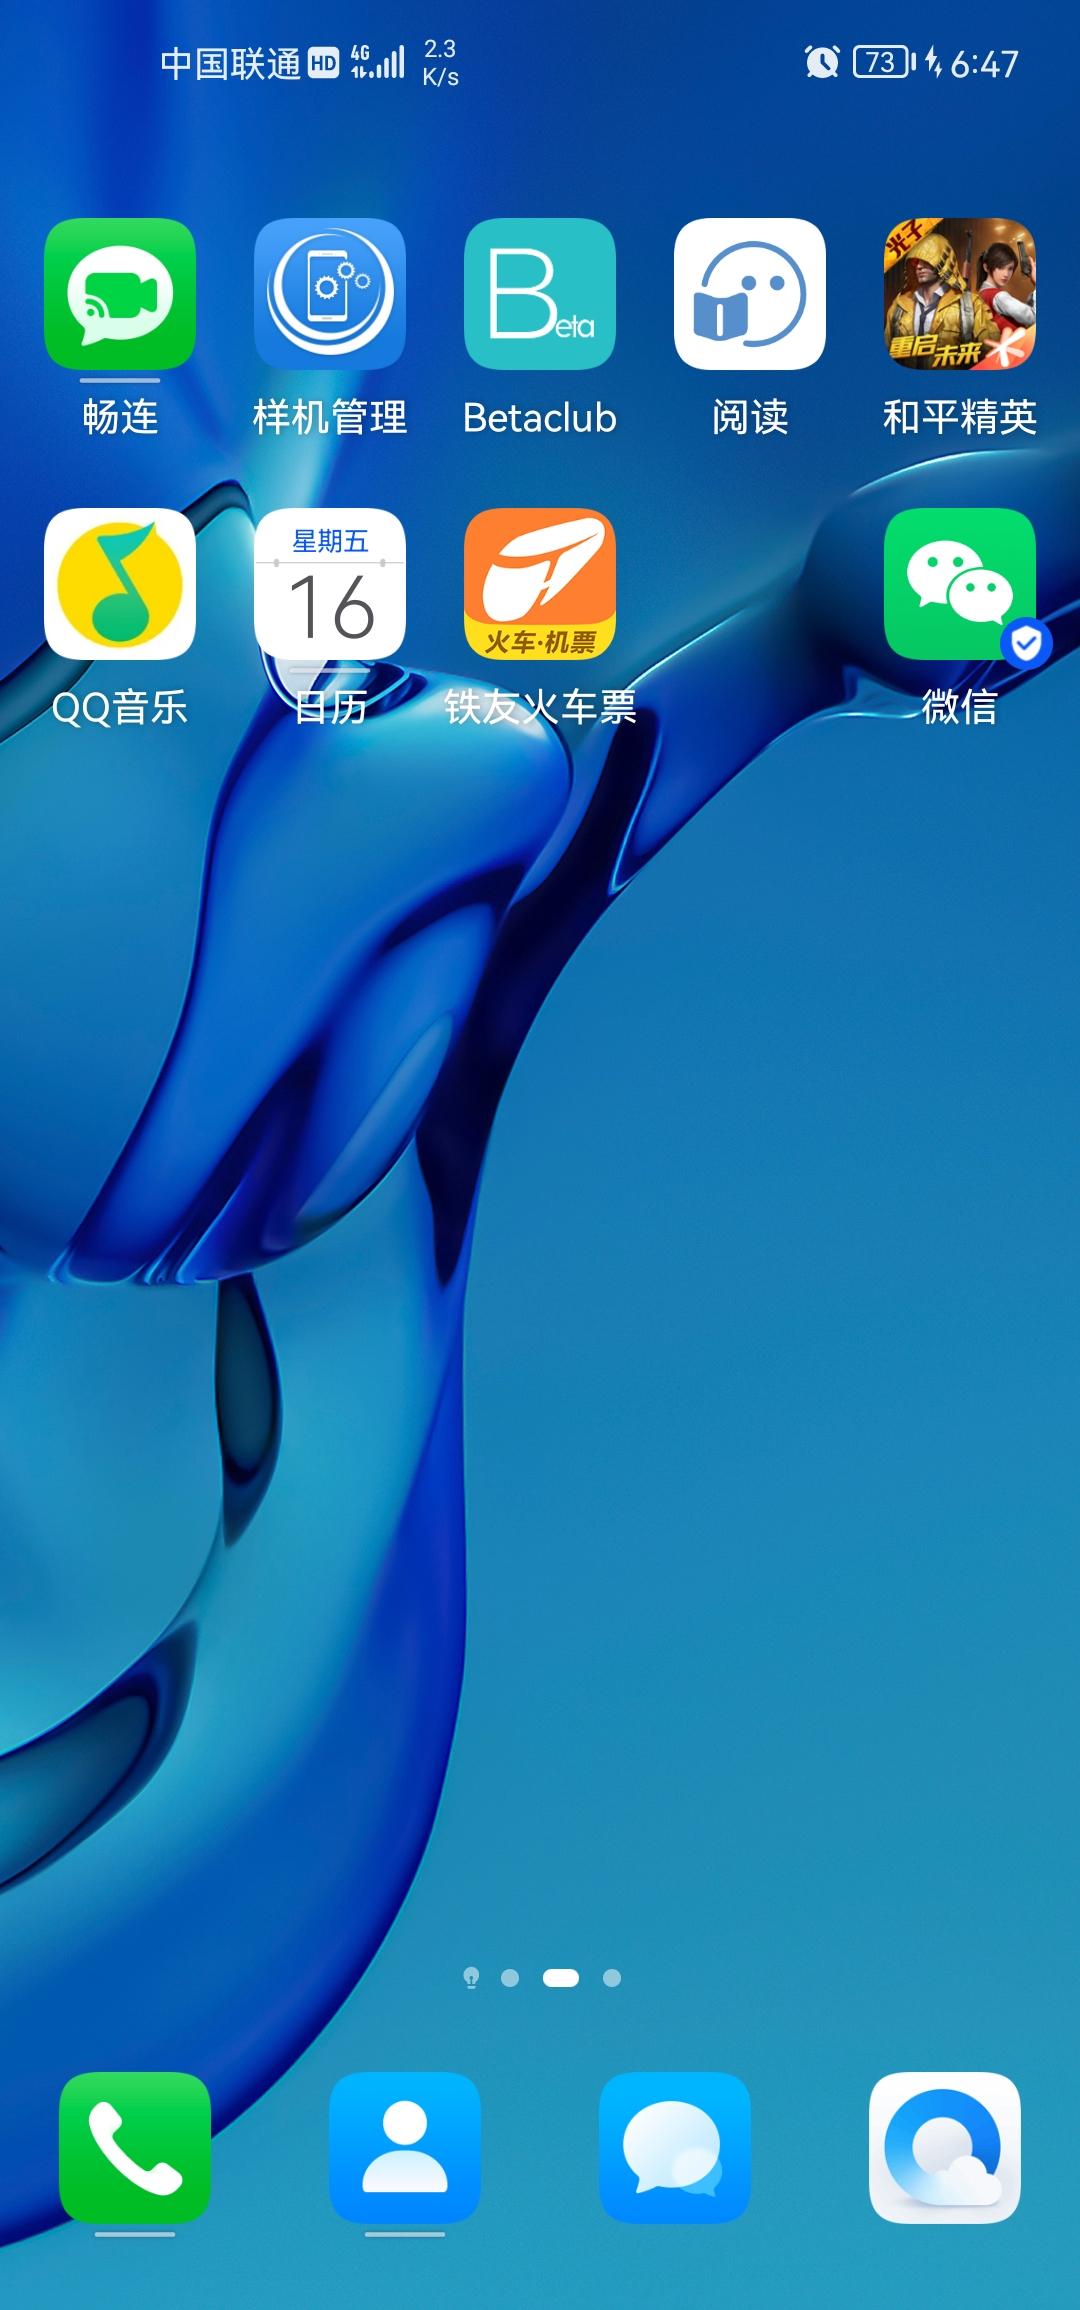 Screenshot_20210716_184756_com.huawei.android.launcher.jpg